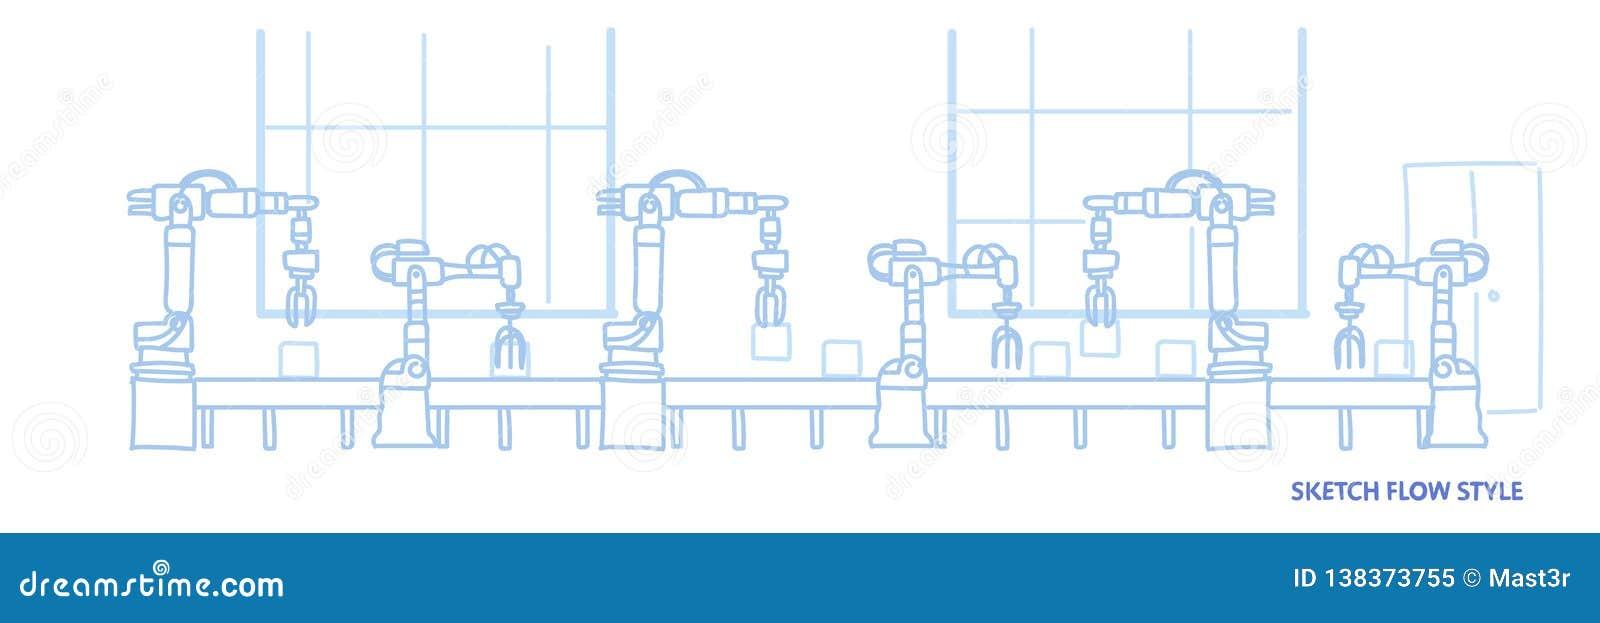 Planta de fabricación automática del transportador de la producción de la fábrica estilo del flujo del bosquejo del concepto de l